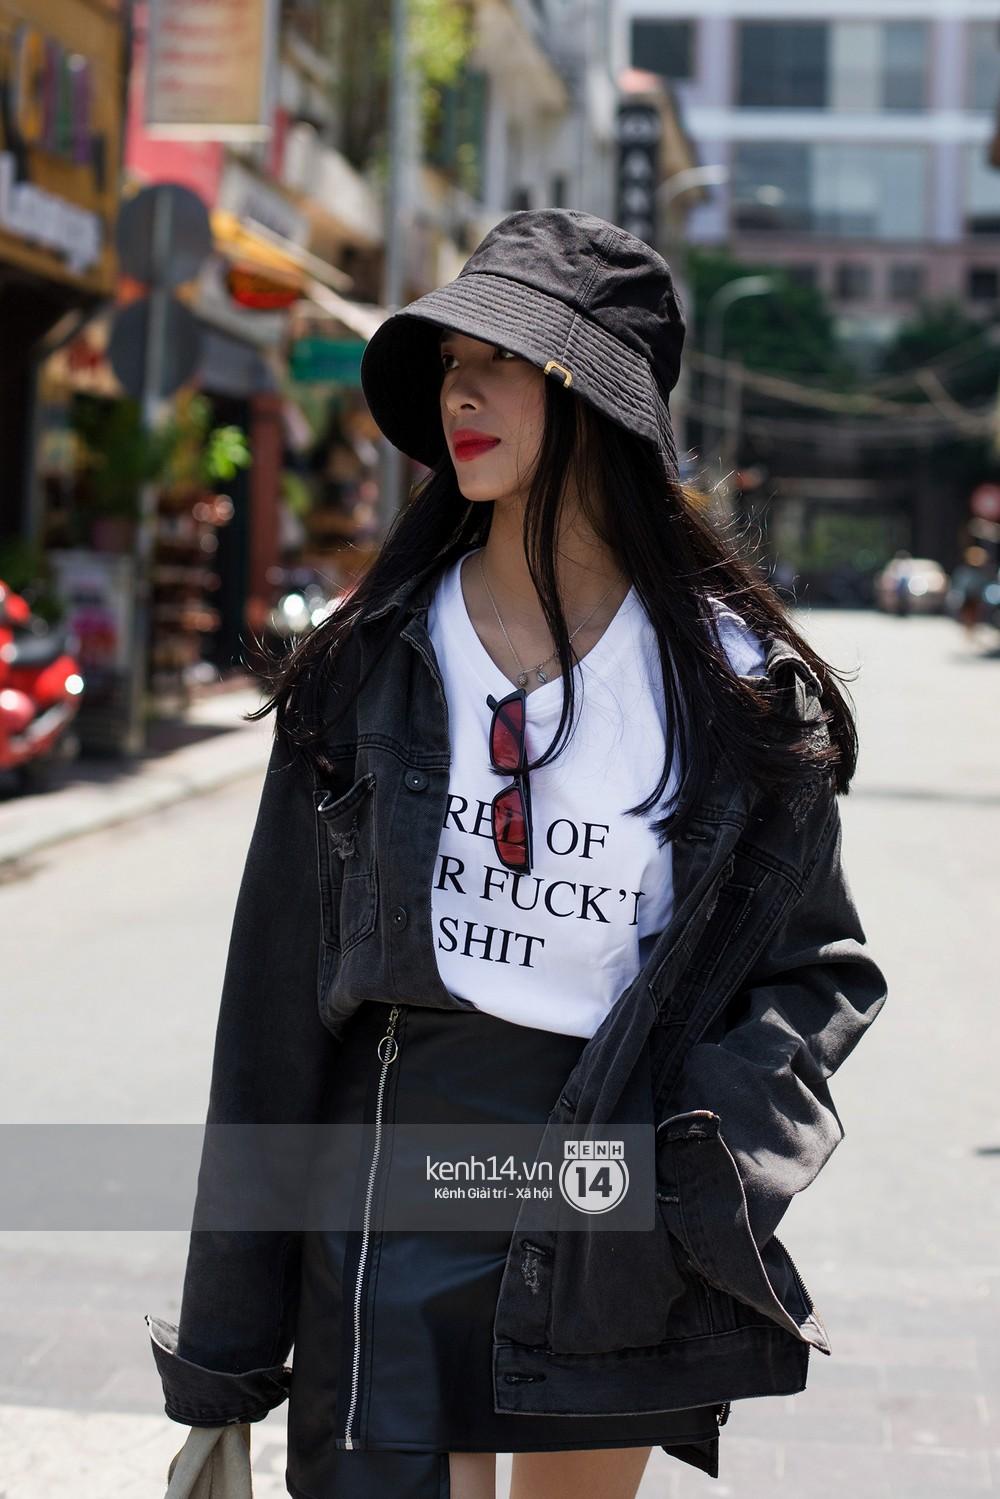 Street style giới trẻ Việt: Hà Nội toàn áo 2 dây và xuyên thấu mát mẻ; Sài Gòn vẫn điệp khúc càng ấm càng chất - Ảnh 14.